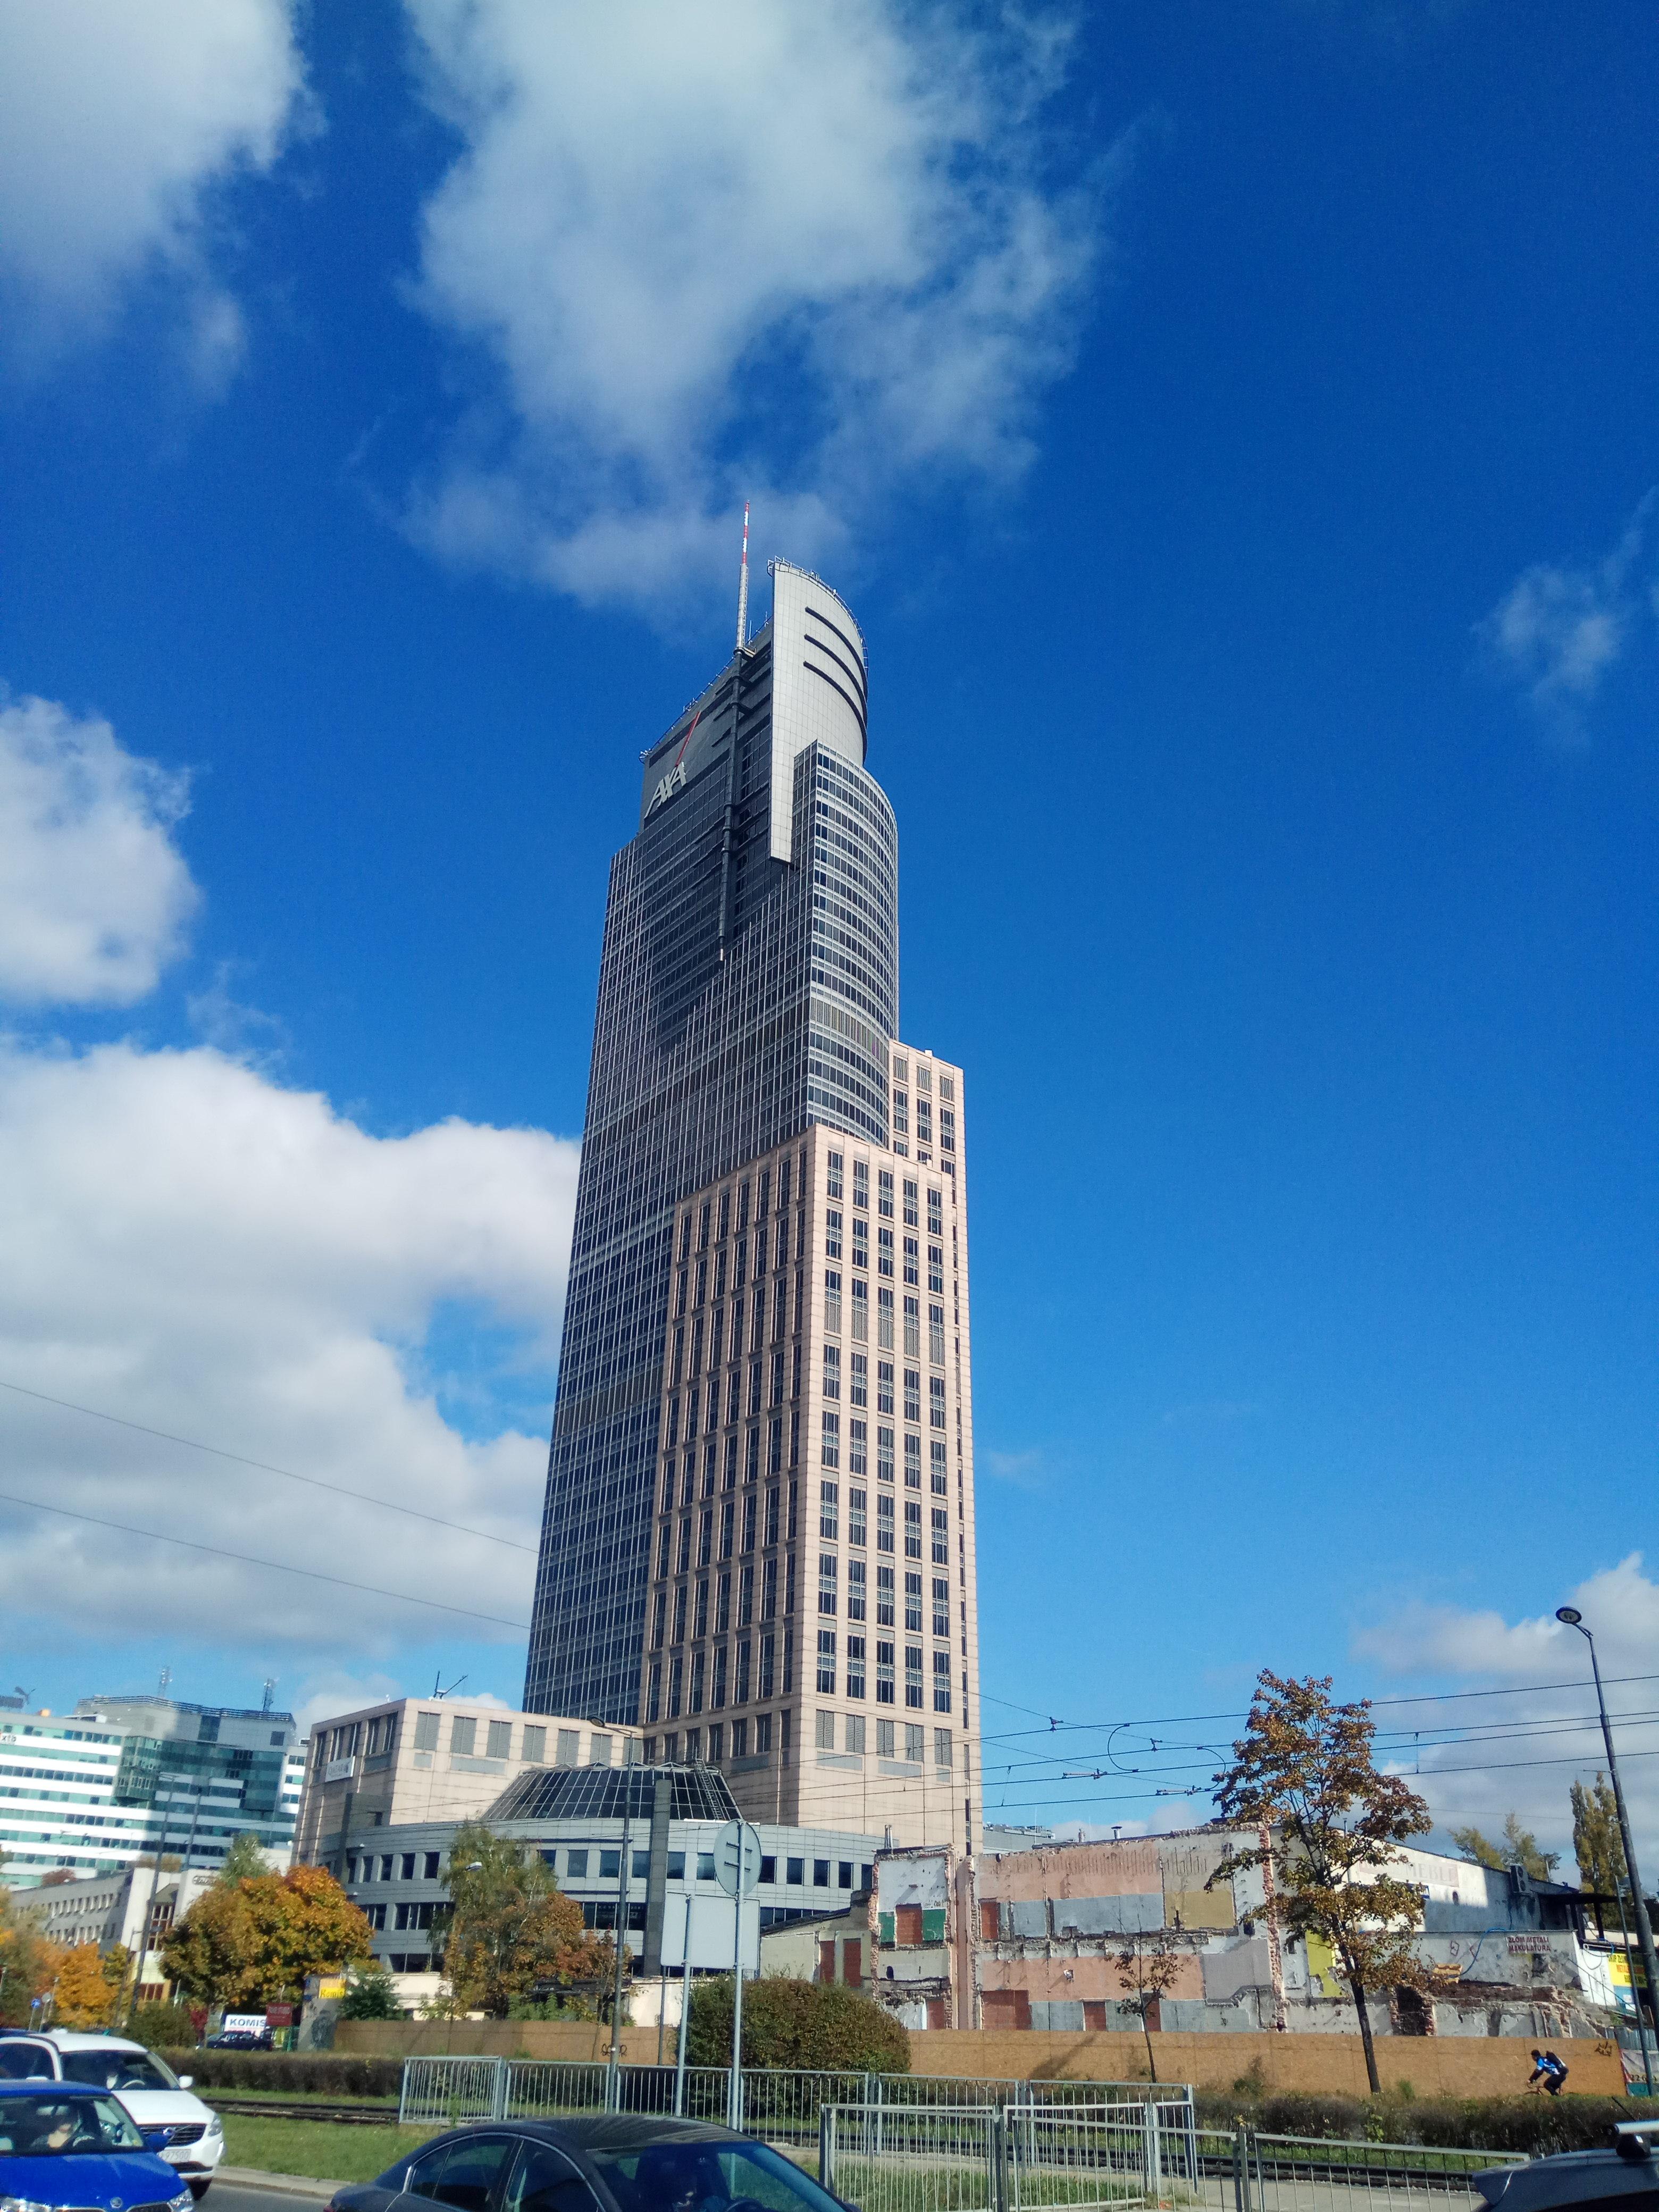 Warsaw Trade Tower widok od strony zachodniej